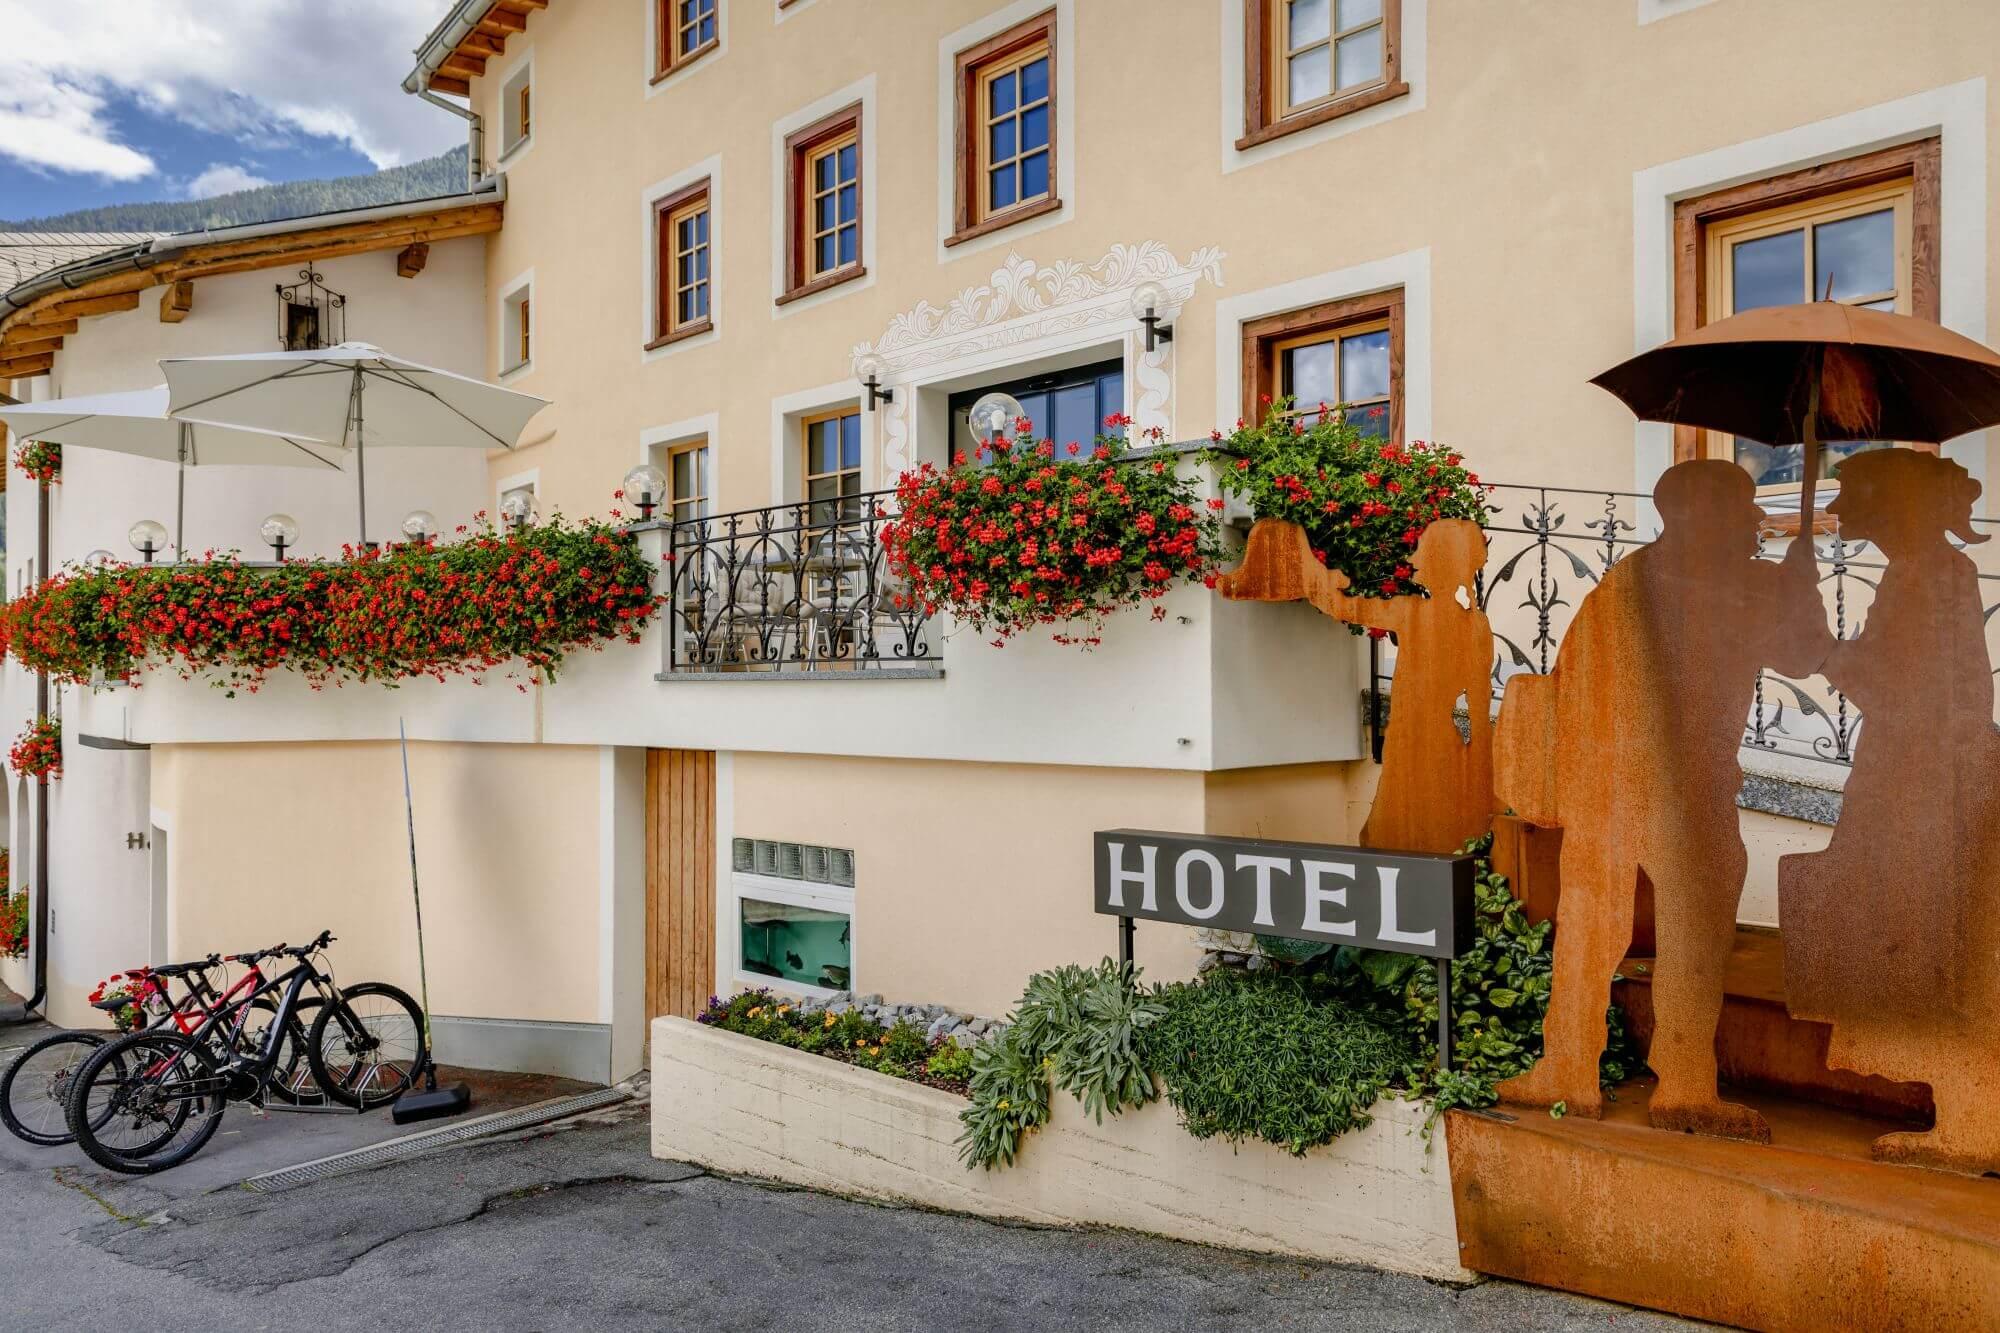 3-tage-im-hotel-helvetia-in-mustair